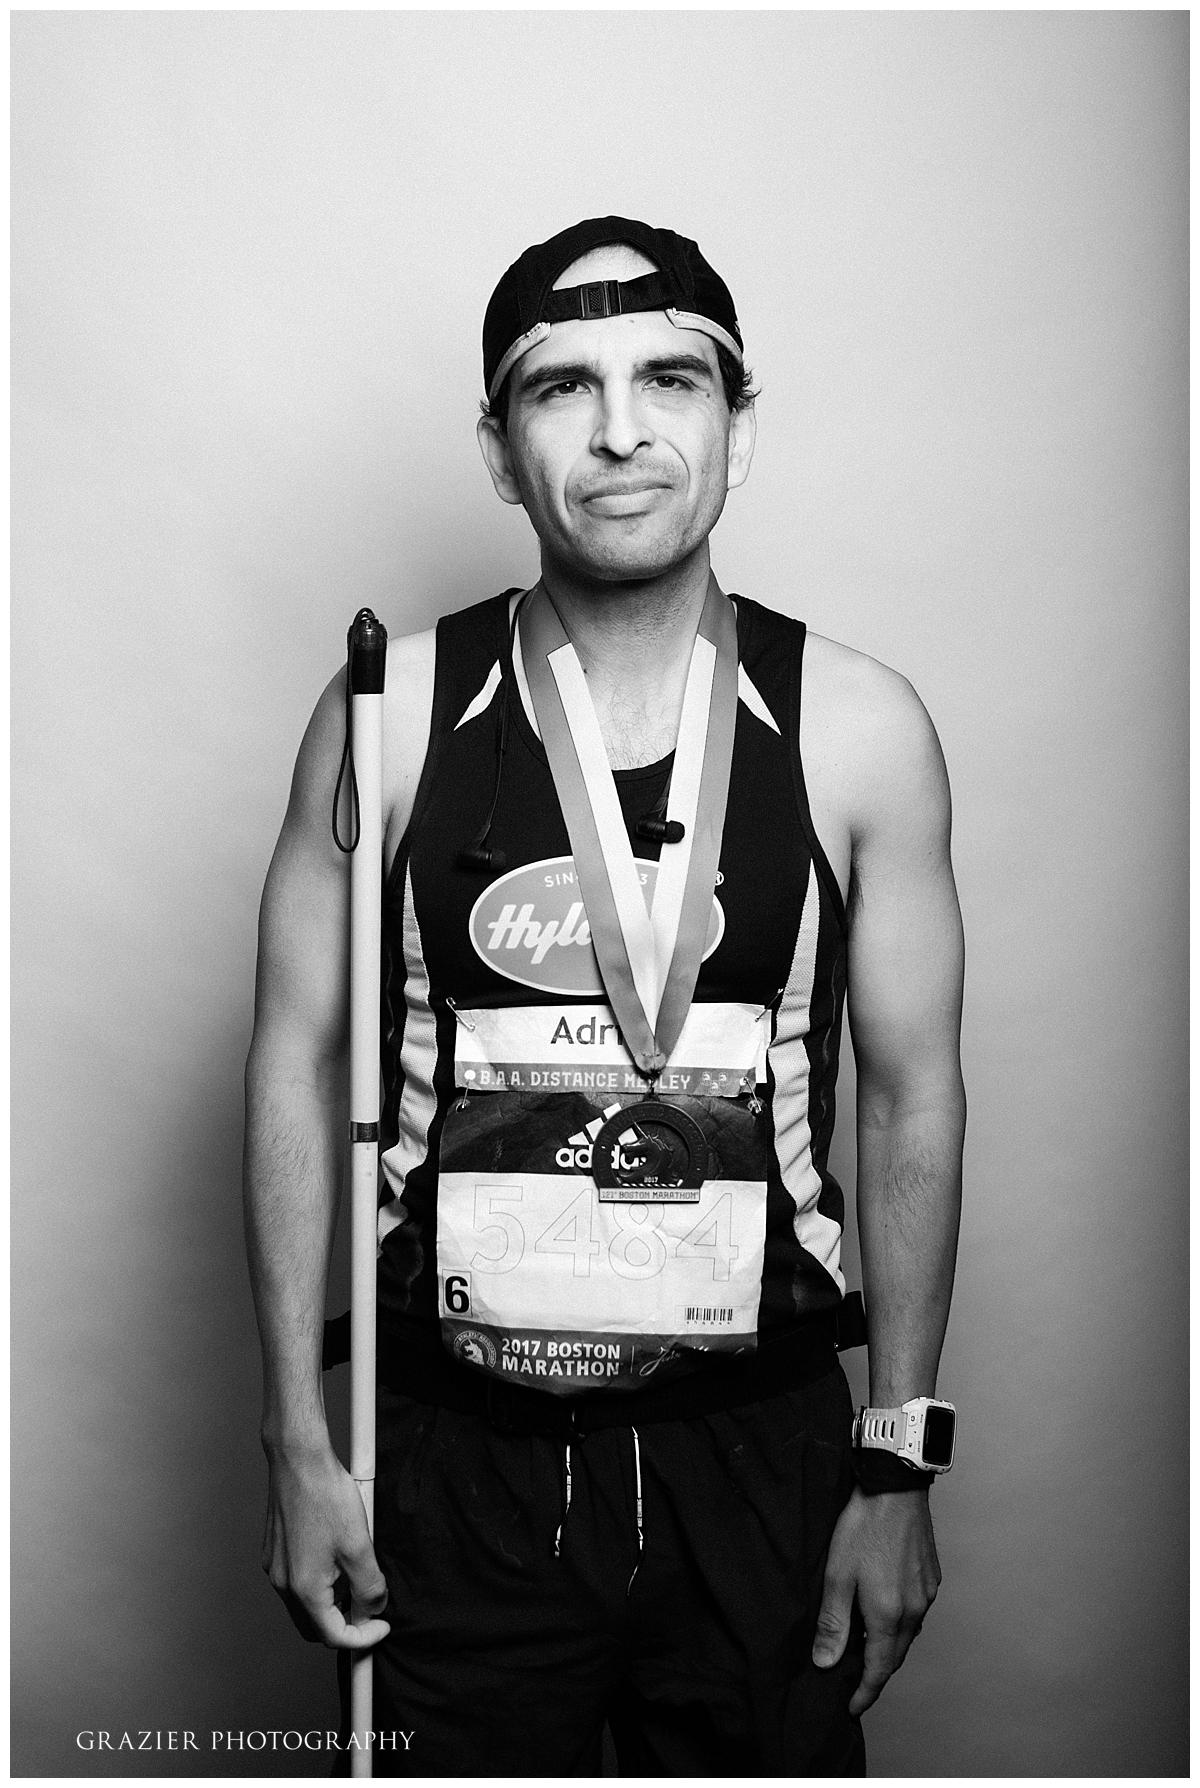 Grazier_Photo_Hylands_Boston_Marathon_2017-7_WEB.jpg